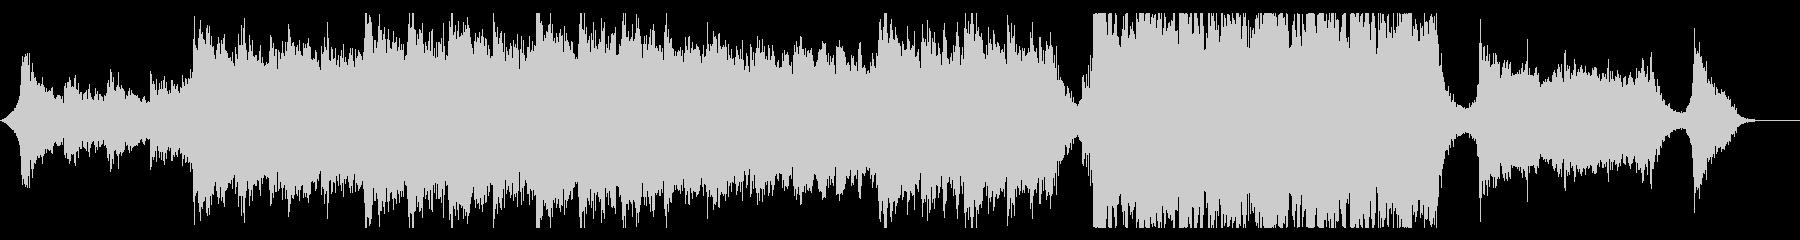 ハリウッド風壮大オーケストラ8B金管抜きの未再生の波形